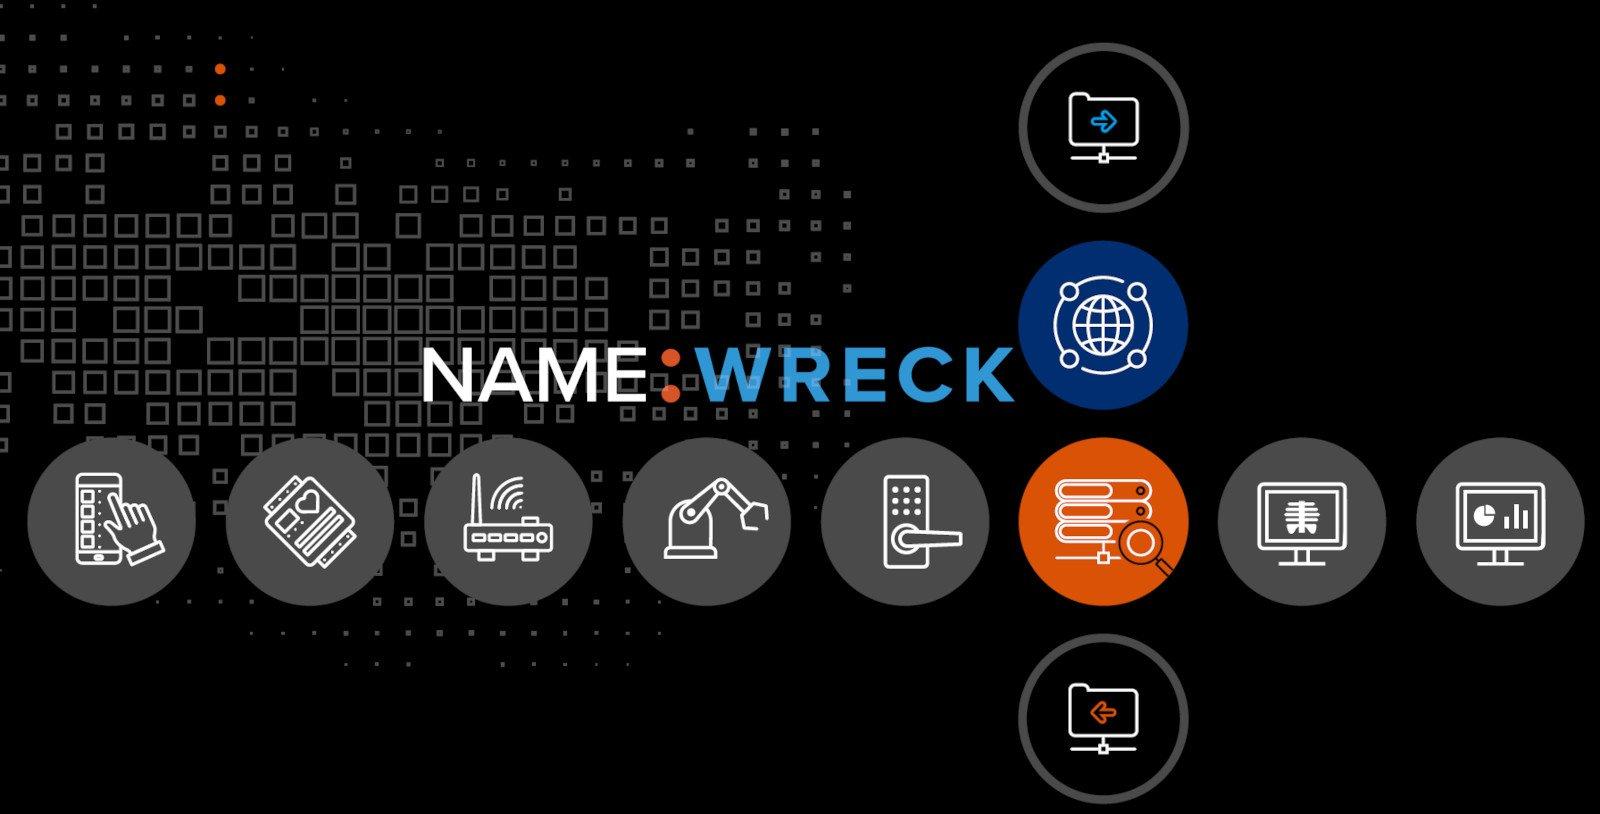 Уязвимости NAME:WRECK опасны для миллионов IoT-устройств